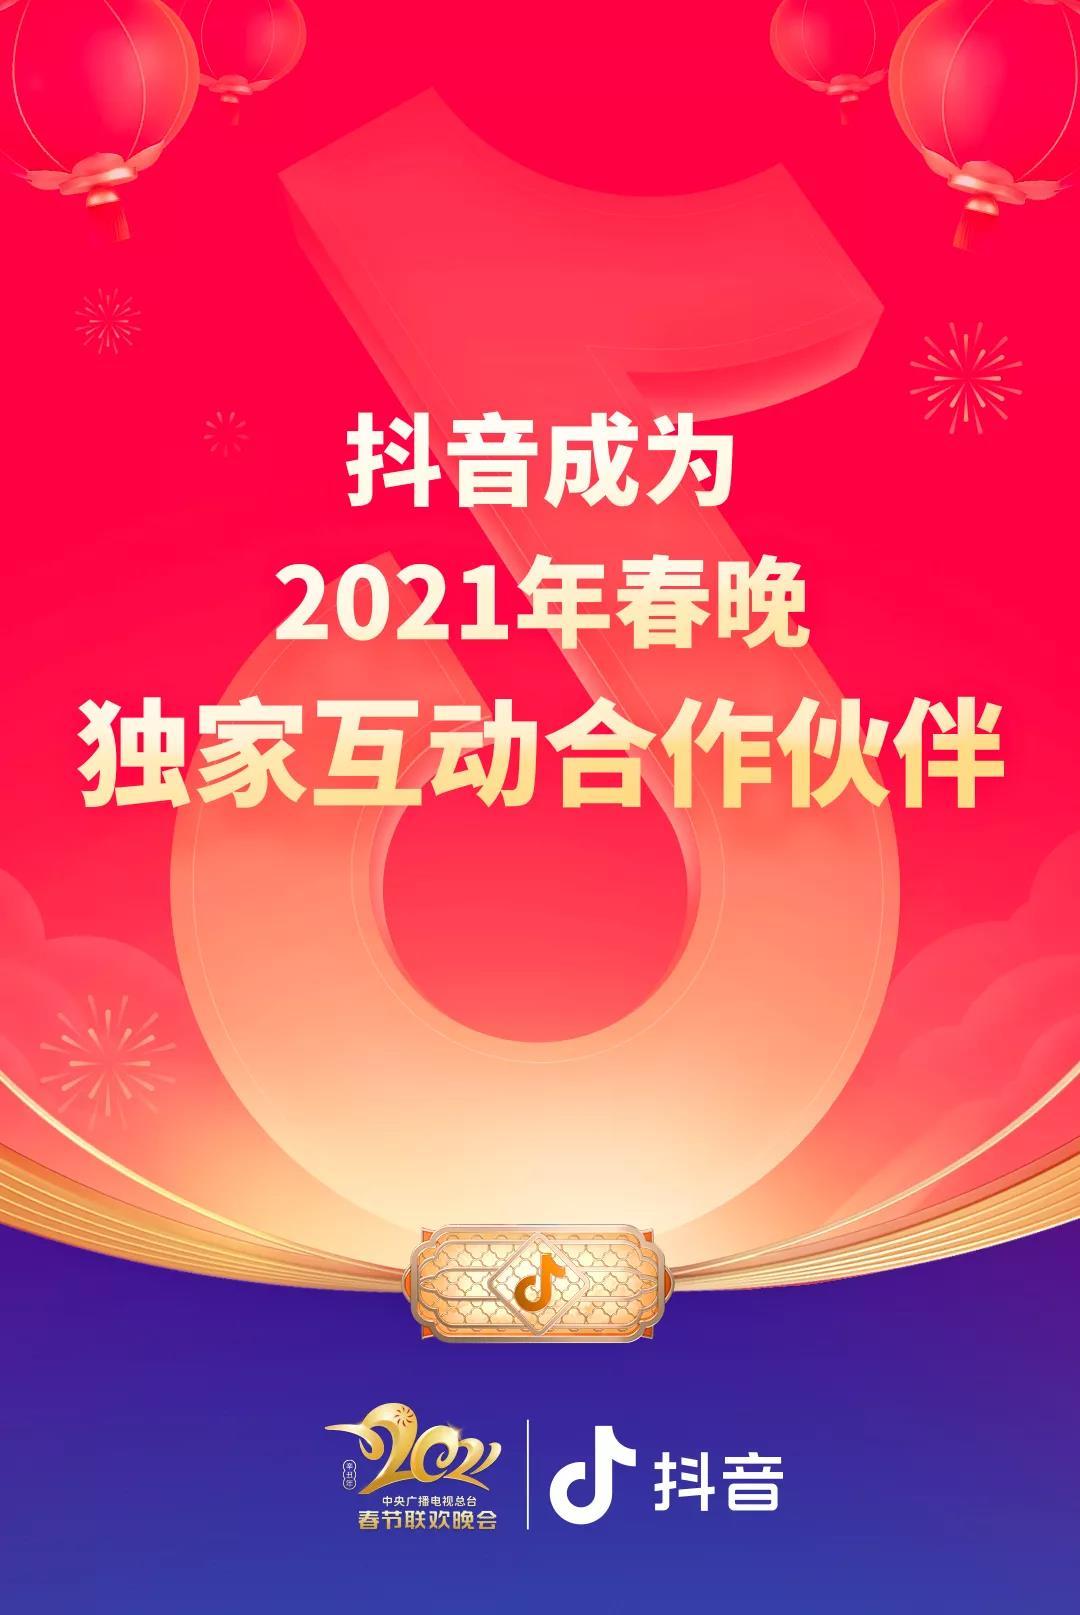 微信图片_20210127153614.jpg